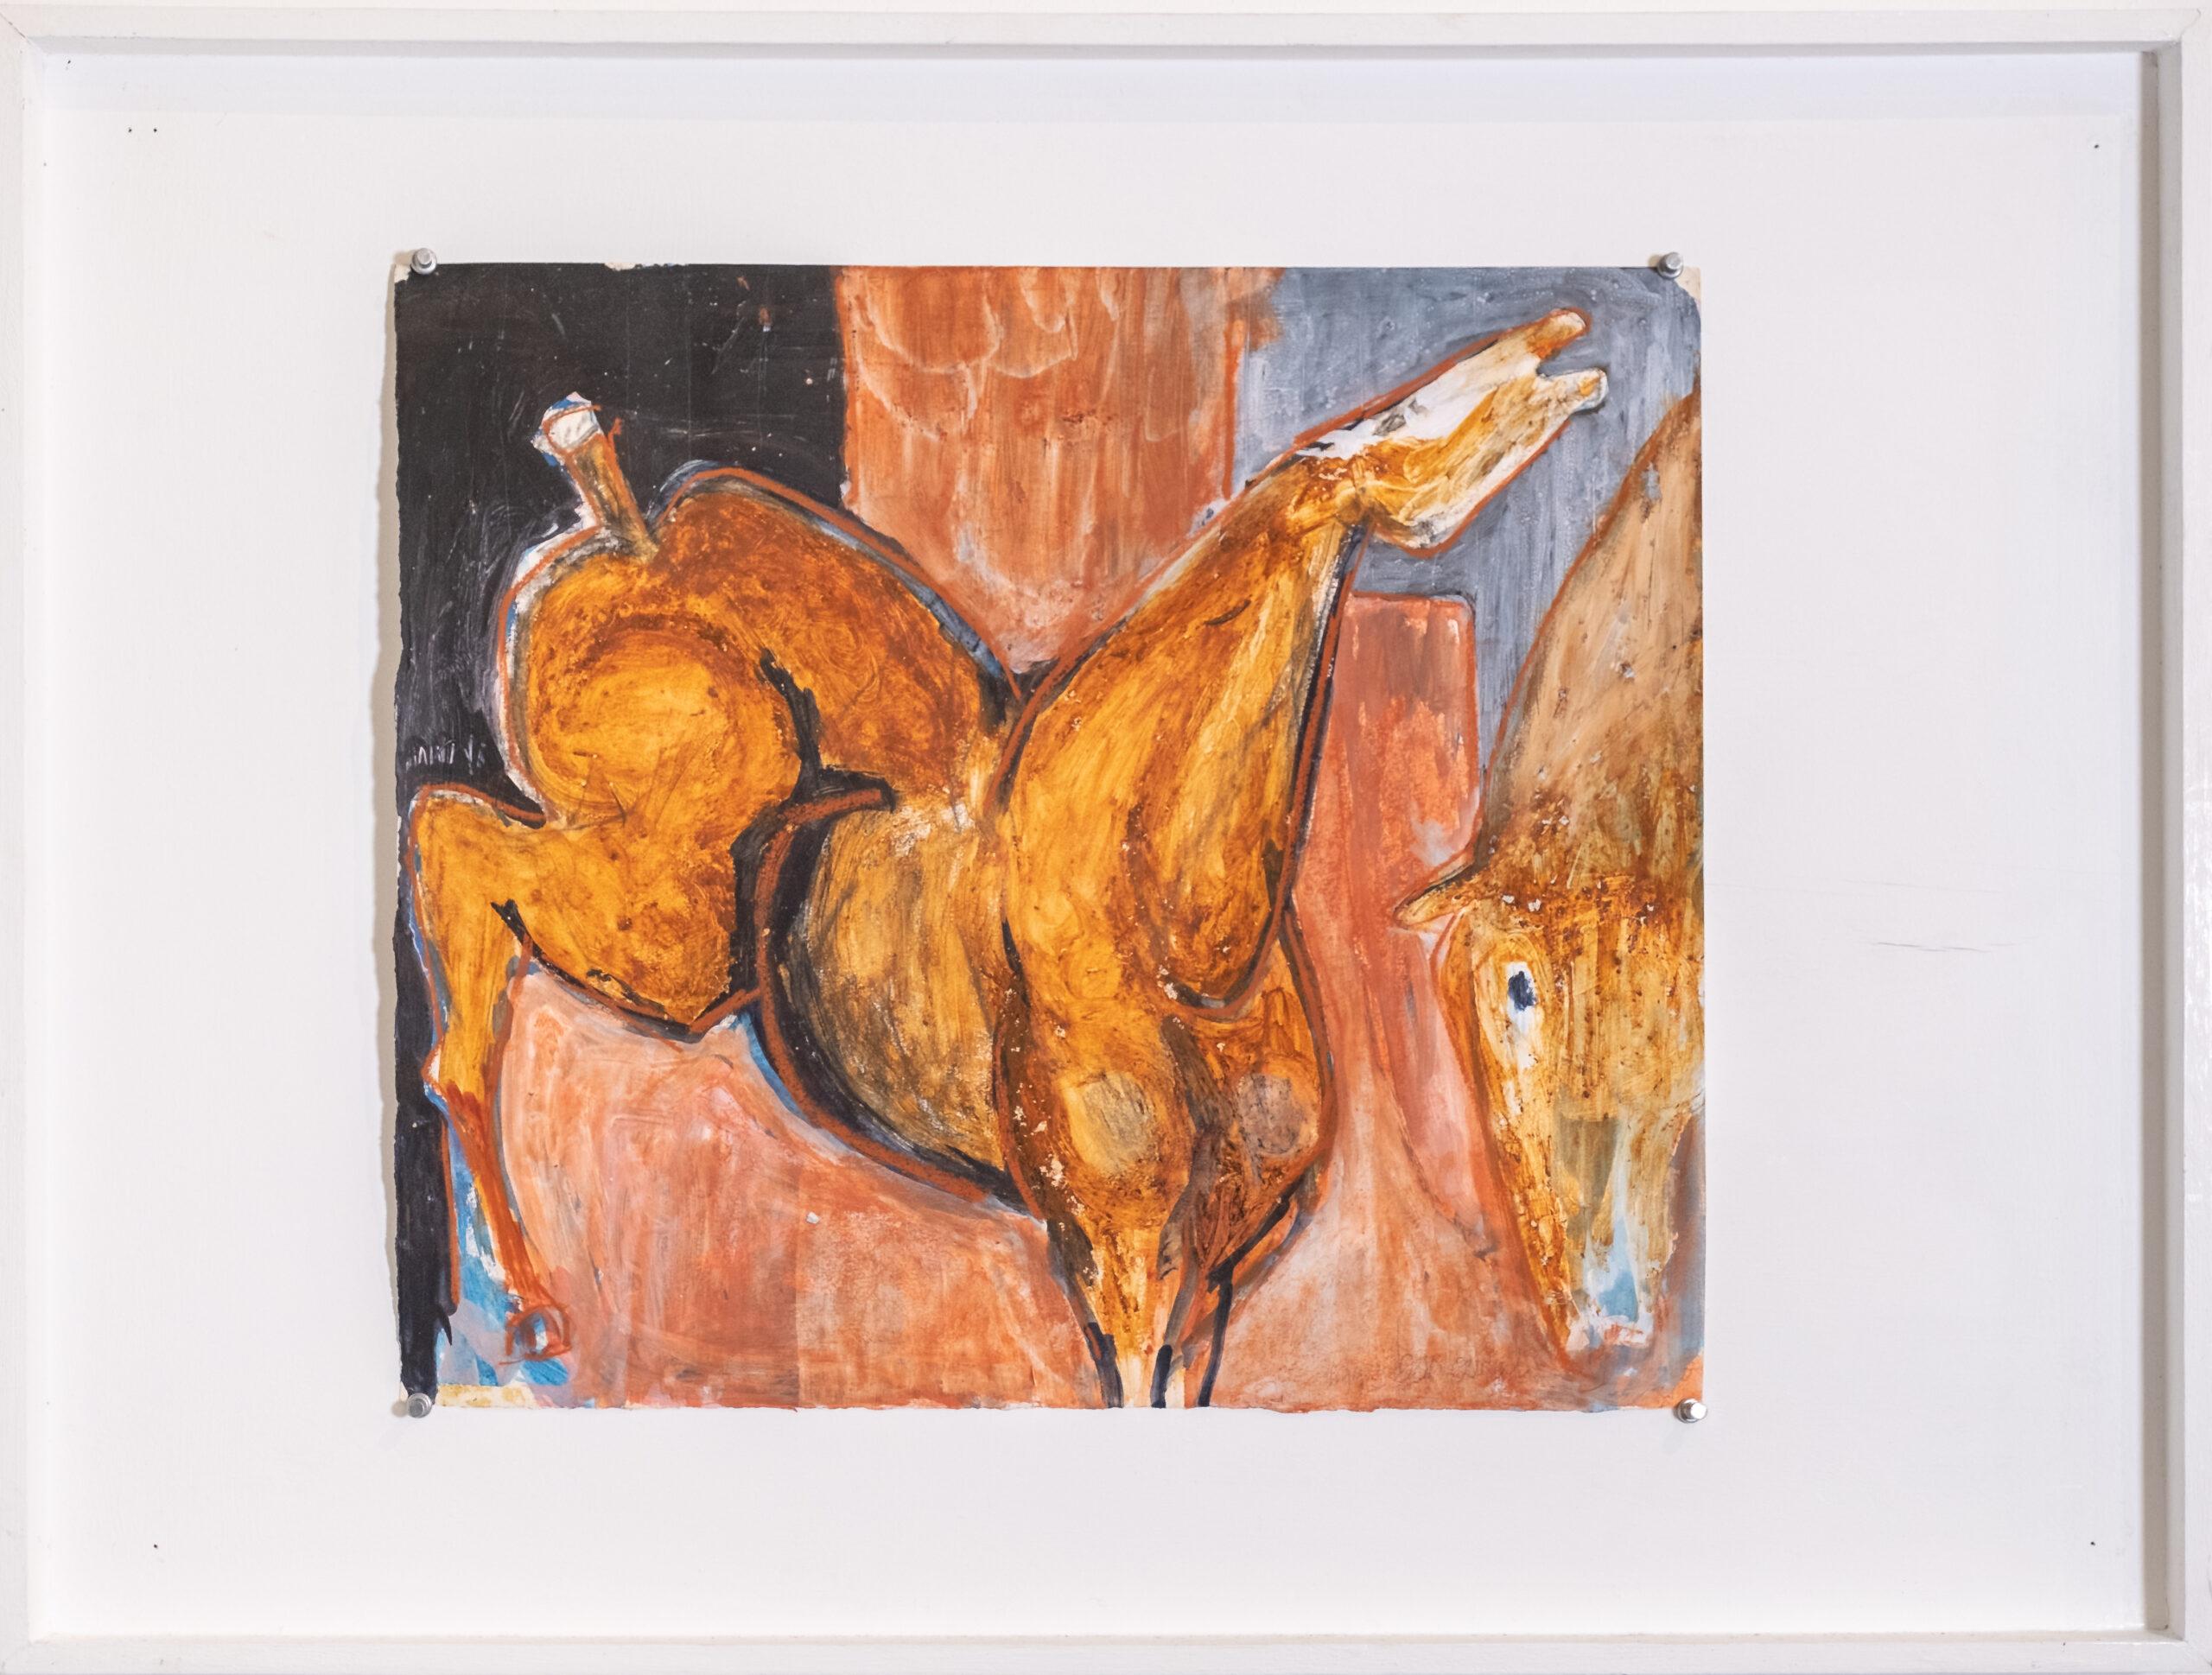 Bekijk de kunstwerken van Barbara Hoying en meer kunstenaars bij Het Bouwhuis in Deventer. We hebben een wisselende kunstcollectie.